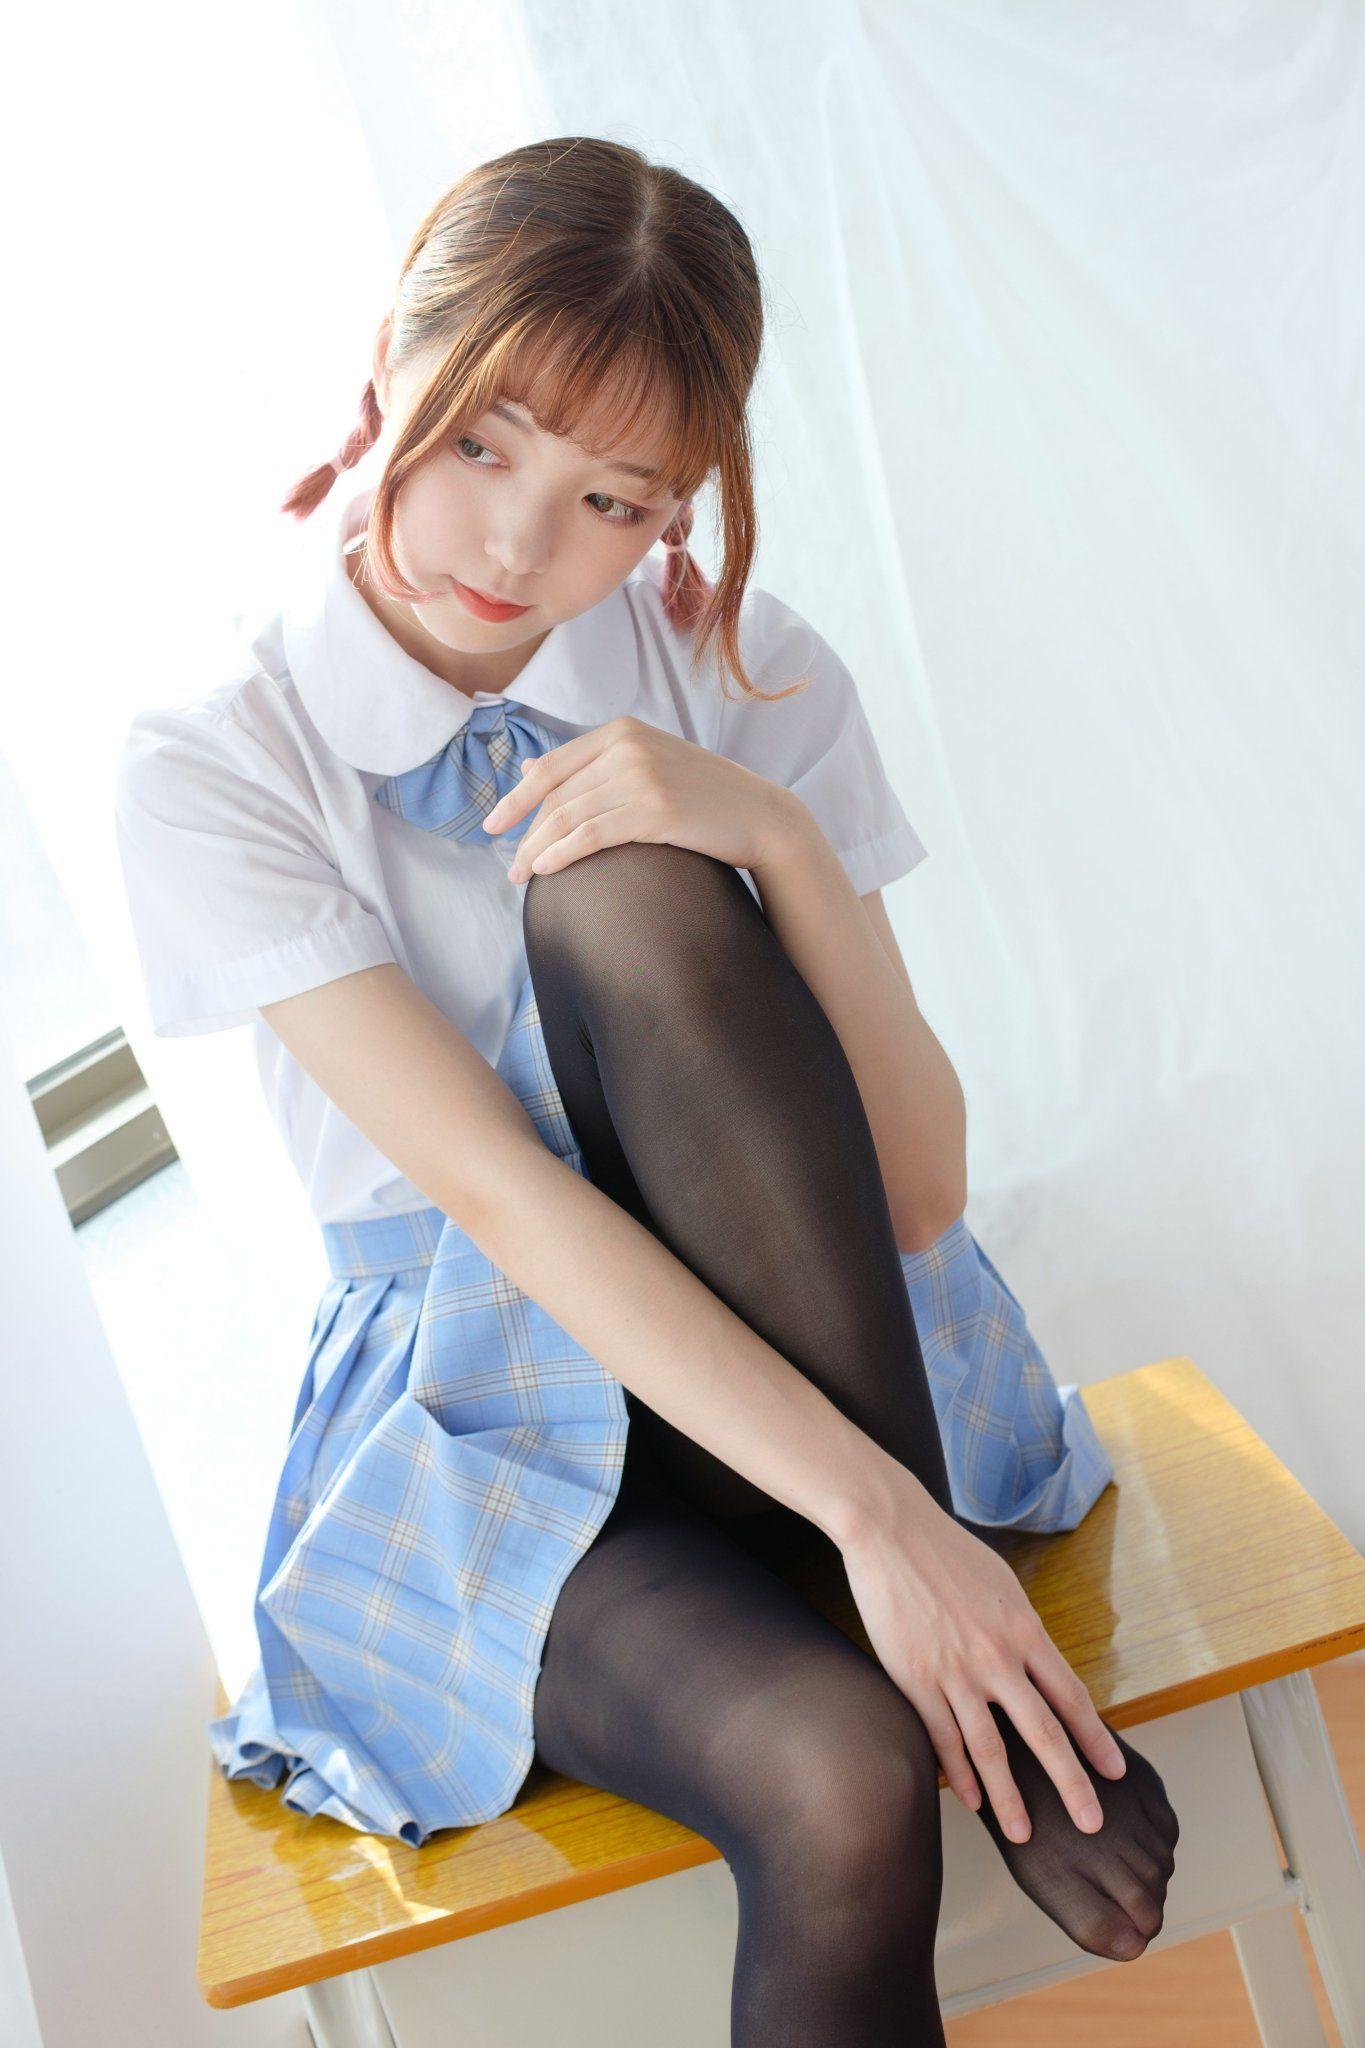 穿黑絲襪的美少女💓》#制服美少女 #水手服#Cute #Girl #Pretty #Girls #漂亮 #可愛 #青春活力